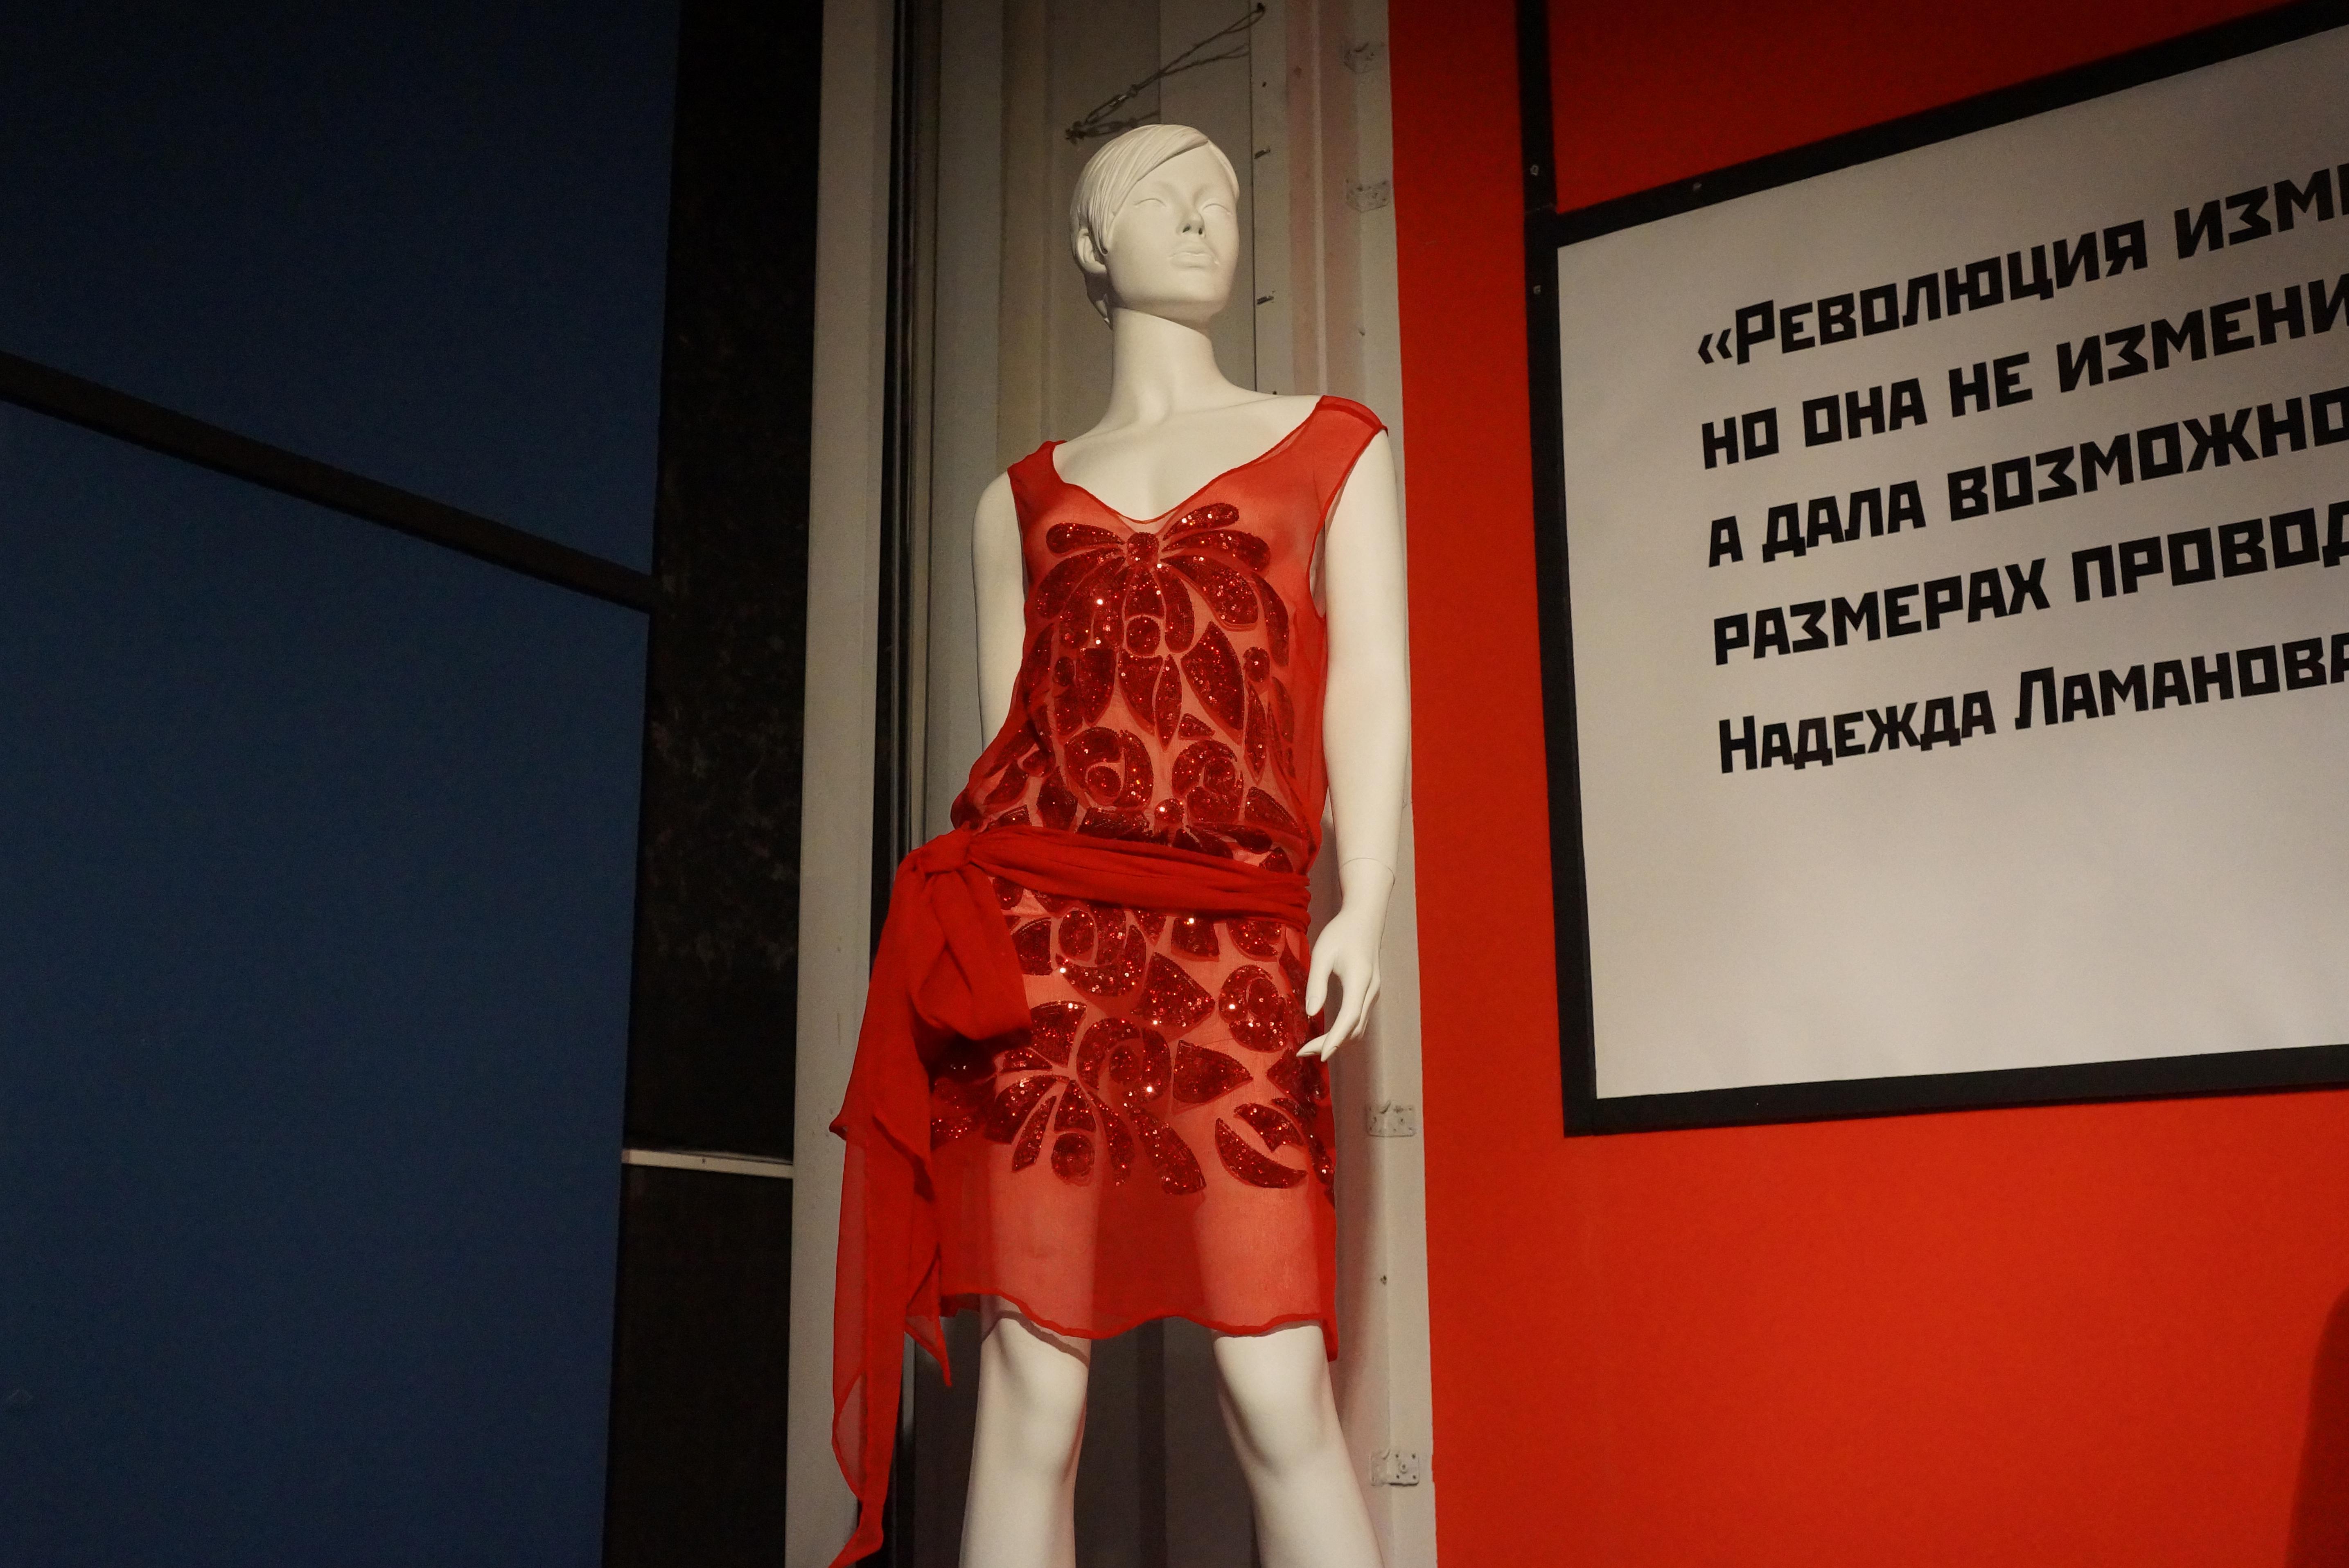 надежда ламанова, гений в юбке надежда ламанова модельер Гений в юбке: модная революция в галерее «Беляево» DSC04324 1